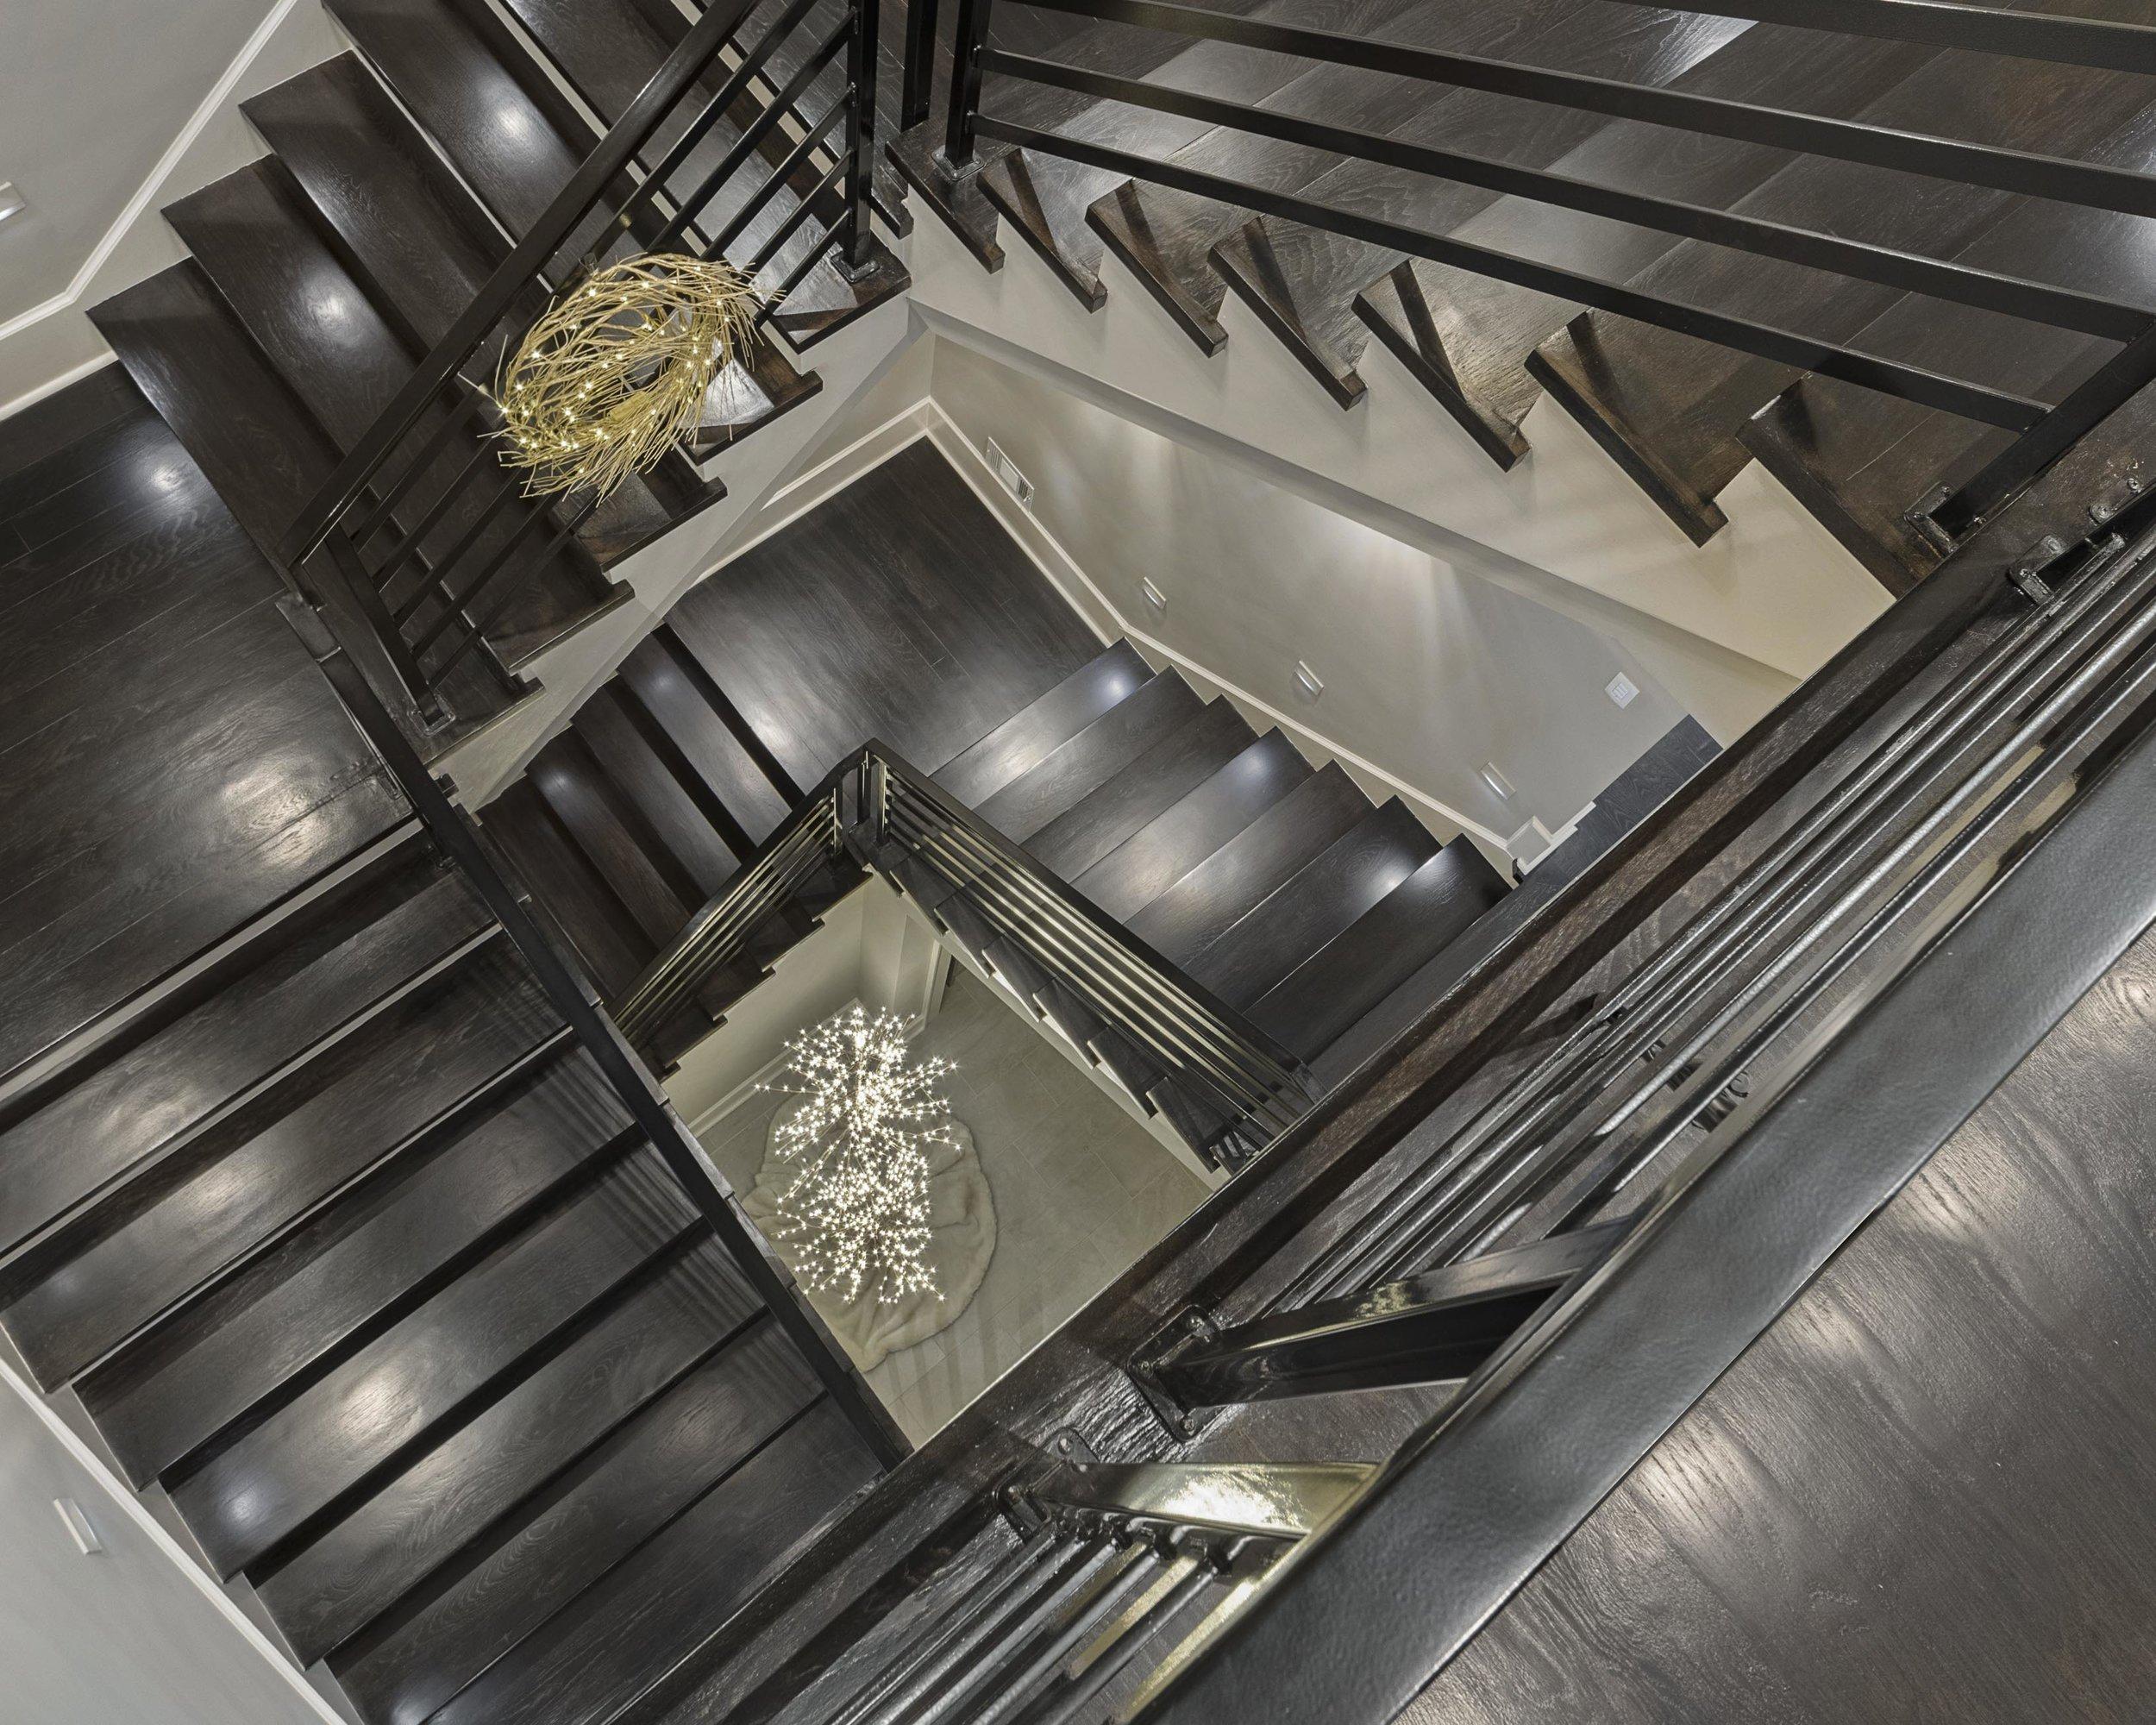 Habersham_stairwells.jpg